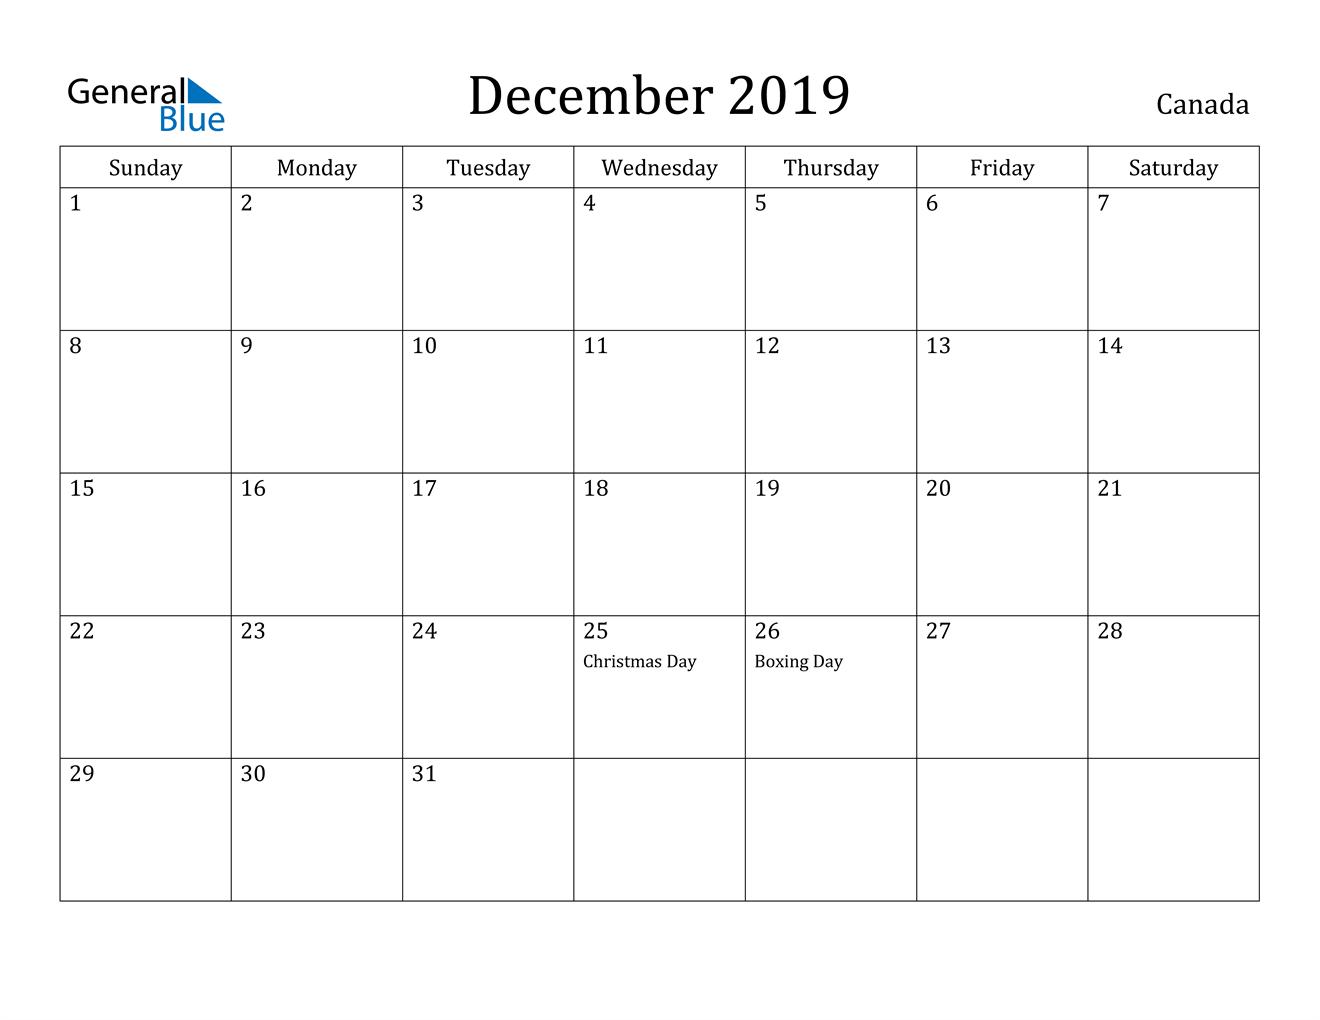 Image of December 2019 Canada Calendar with Holidays Calendar